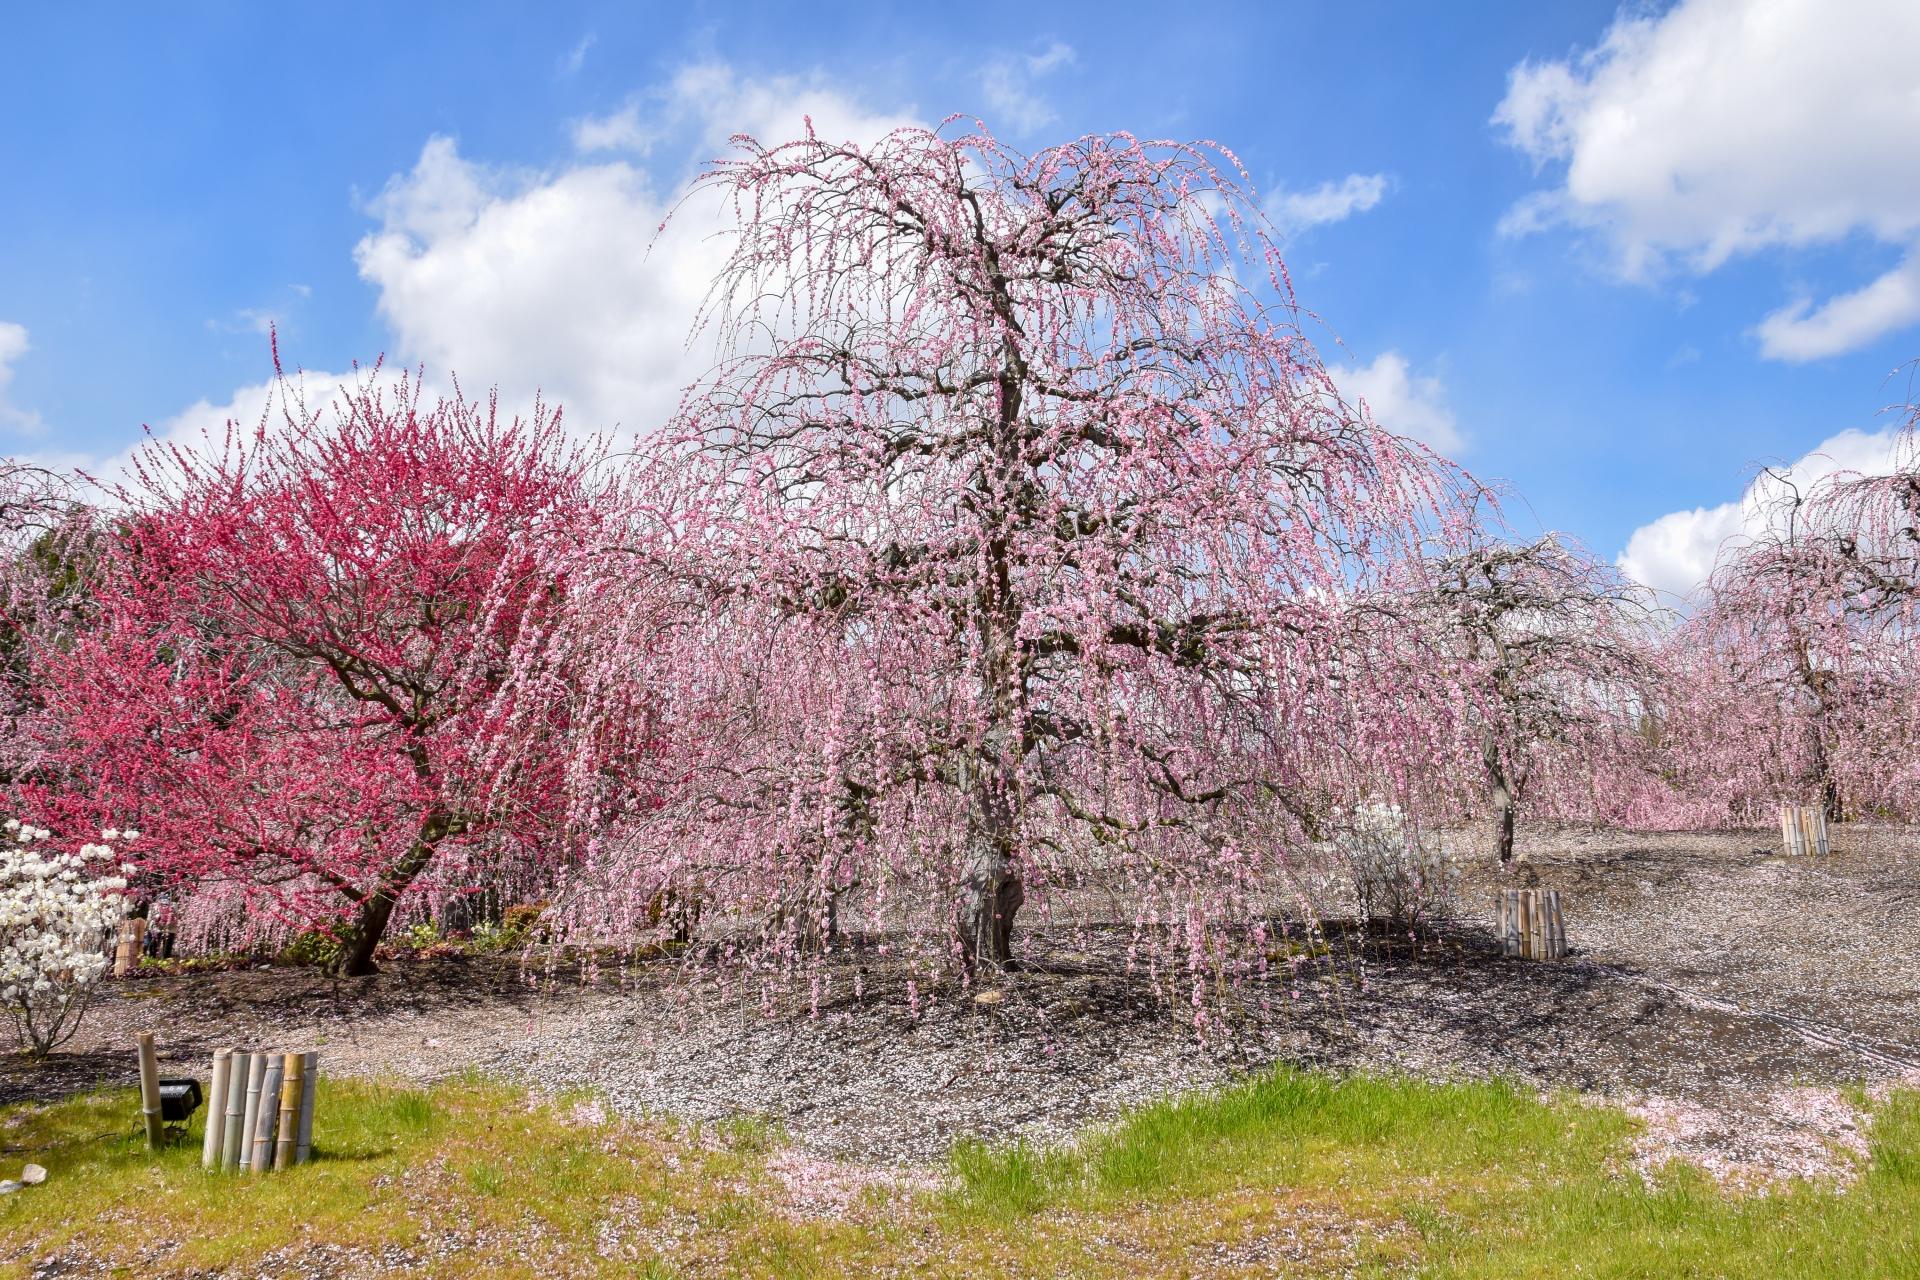 2485319_m 三重県  鈴鹿の森庭園(鈴鹿山脈を背景に彩る梅の絶景スポット! 夜間のライトアップも開催! 写真の紹介、アクセス情報や駐車場情報など)